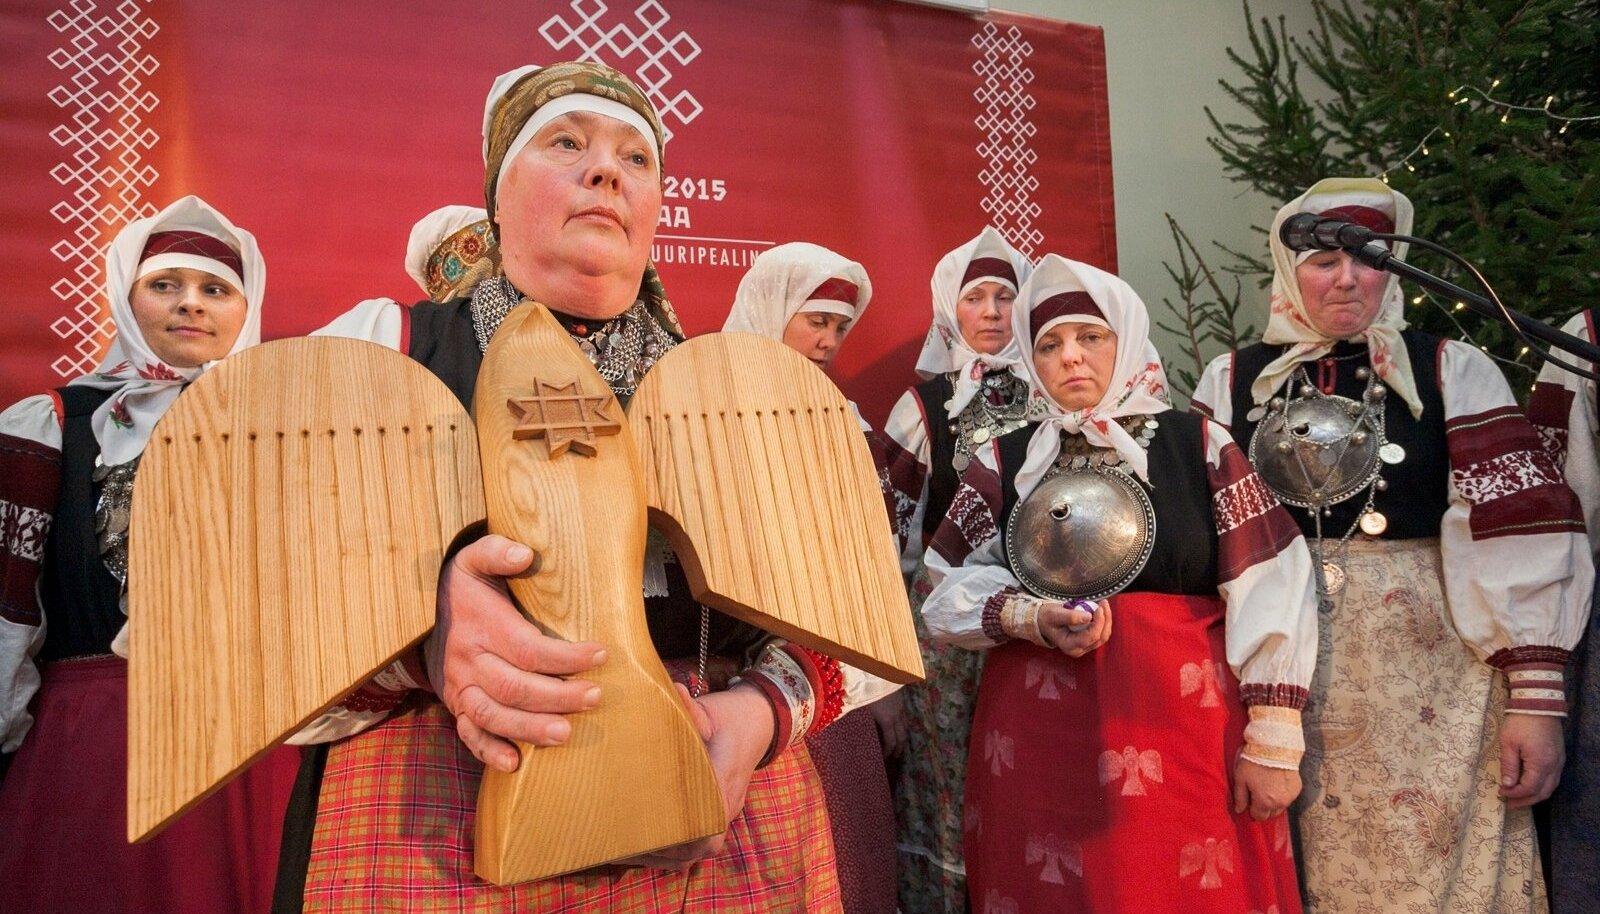 Talsipüha Obinitsas 2016, soome-ugri kultuuripealinna aasta lõpetamine koos pealinna sümboli - tsirguga.